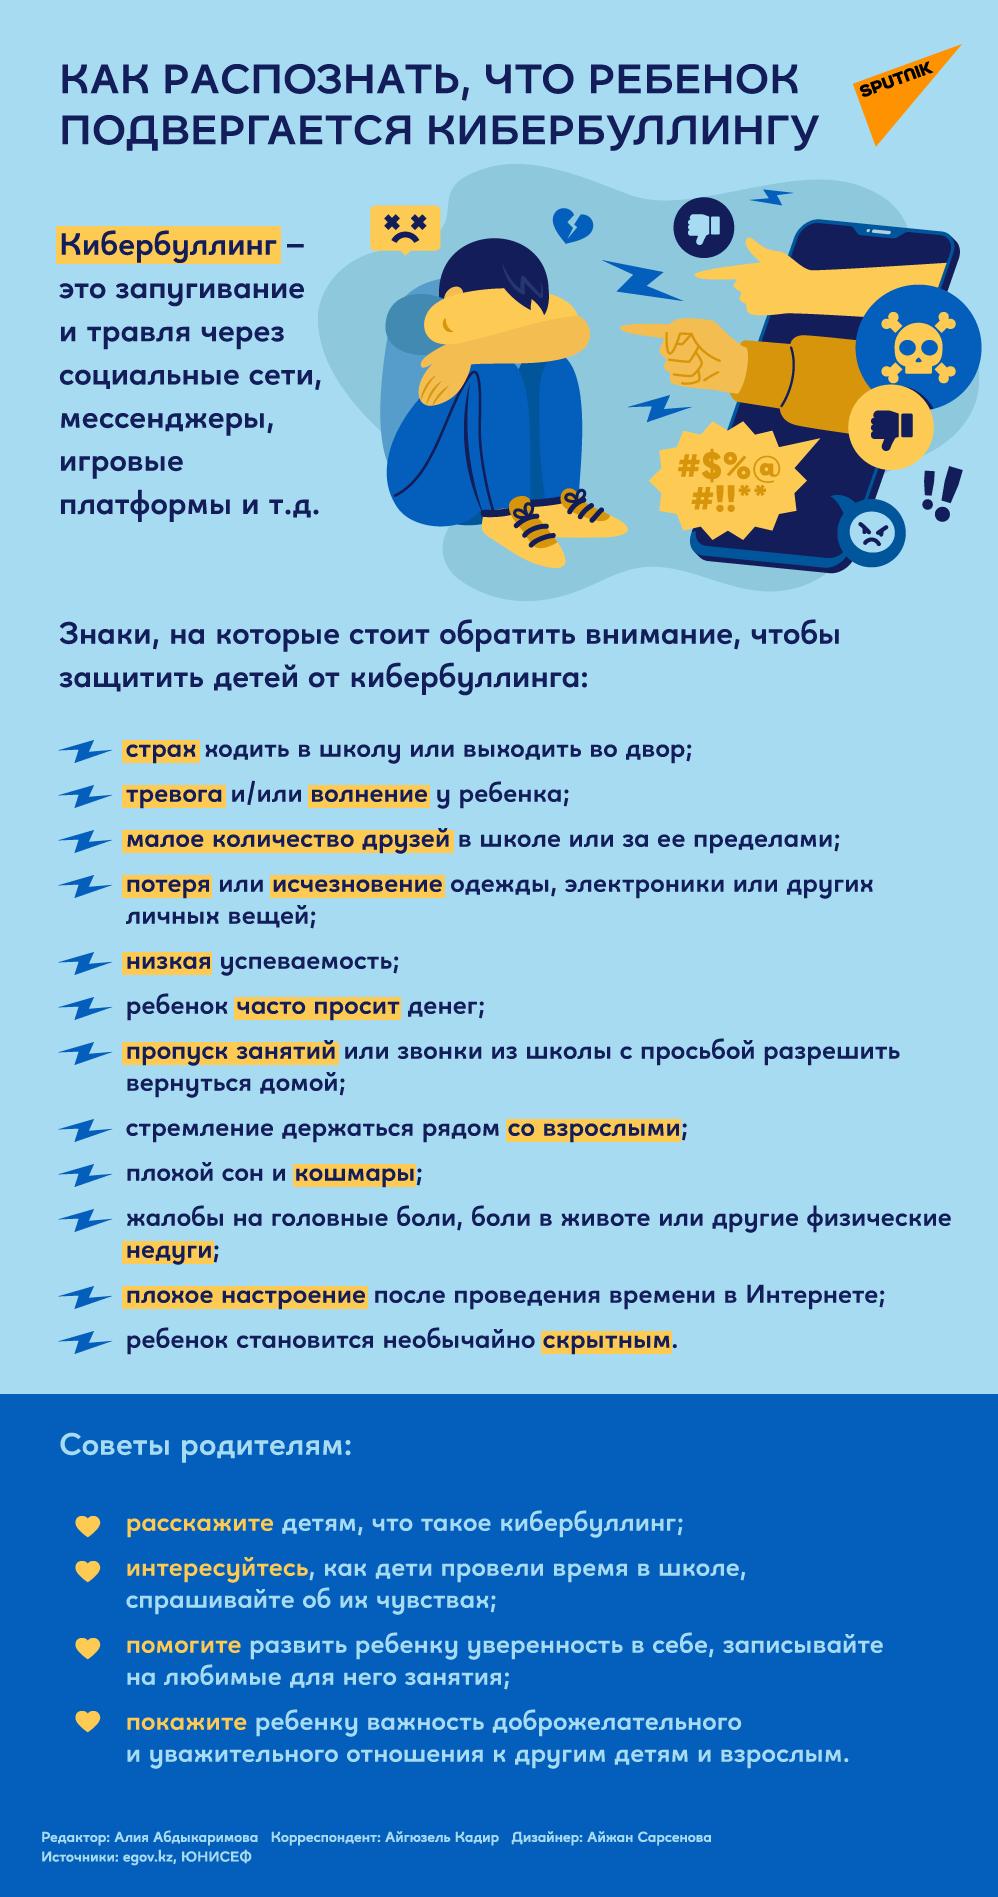 Кибербуллинг - инфографика